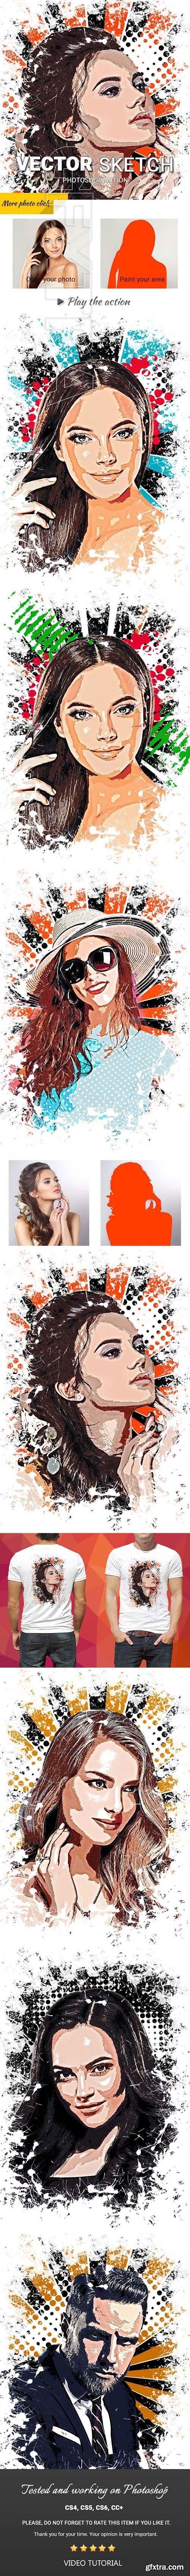 GraphicRiver - Vector Sketch Photoshop Action 23761711